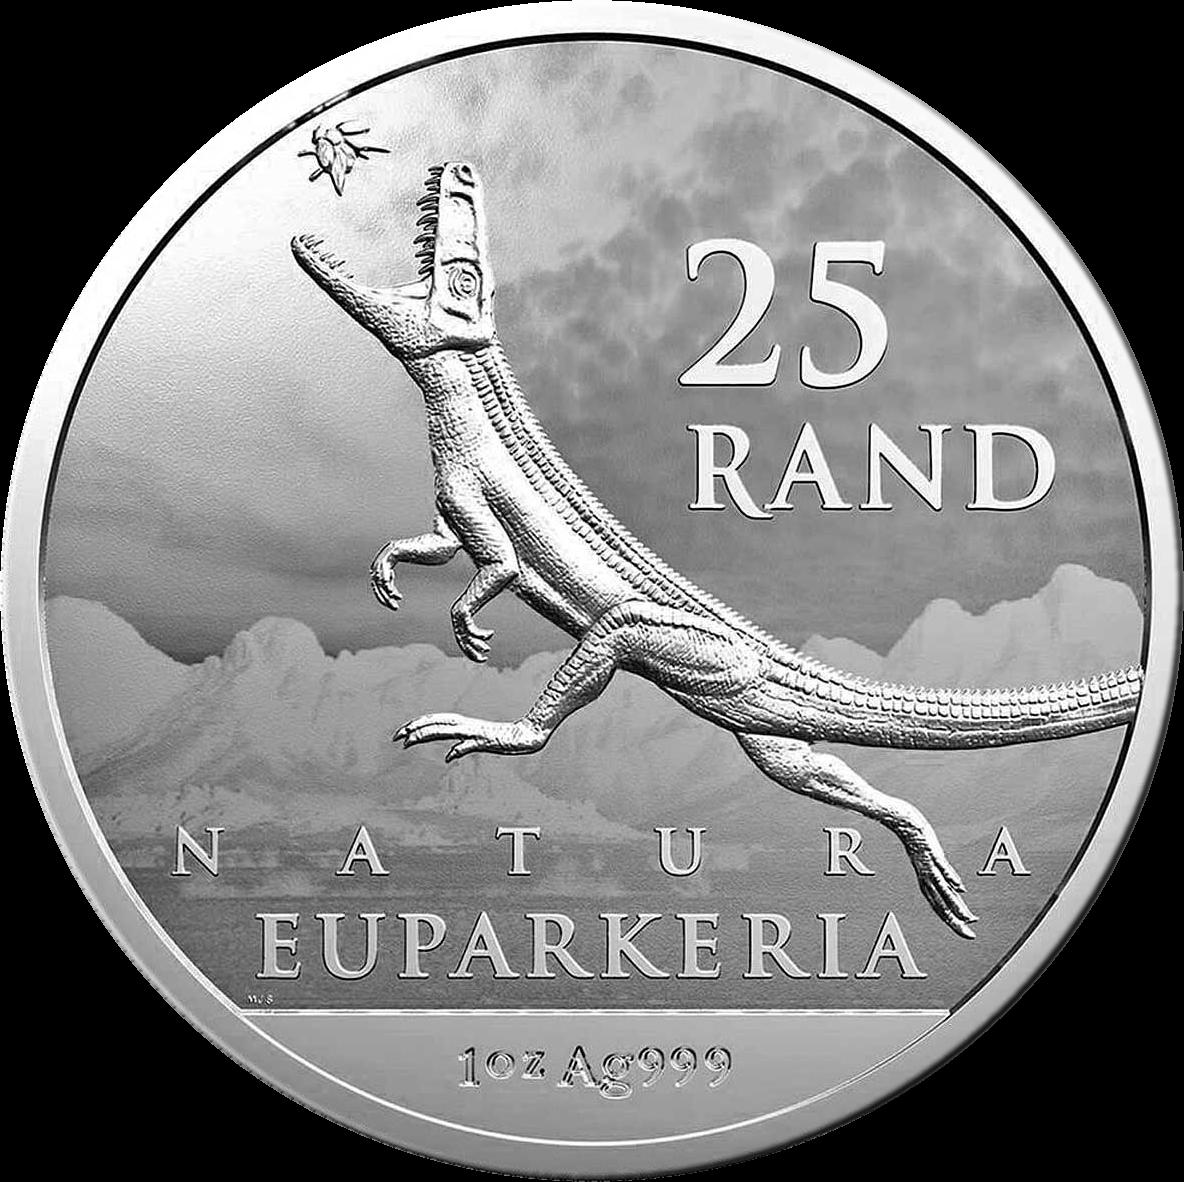 ЮАР монета 25 рандов Эупаркерия, аверс